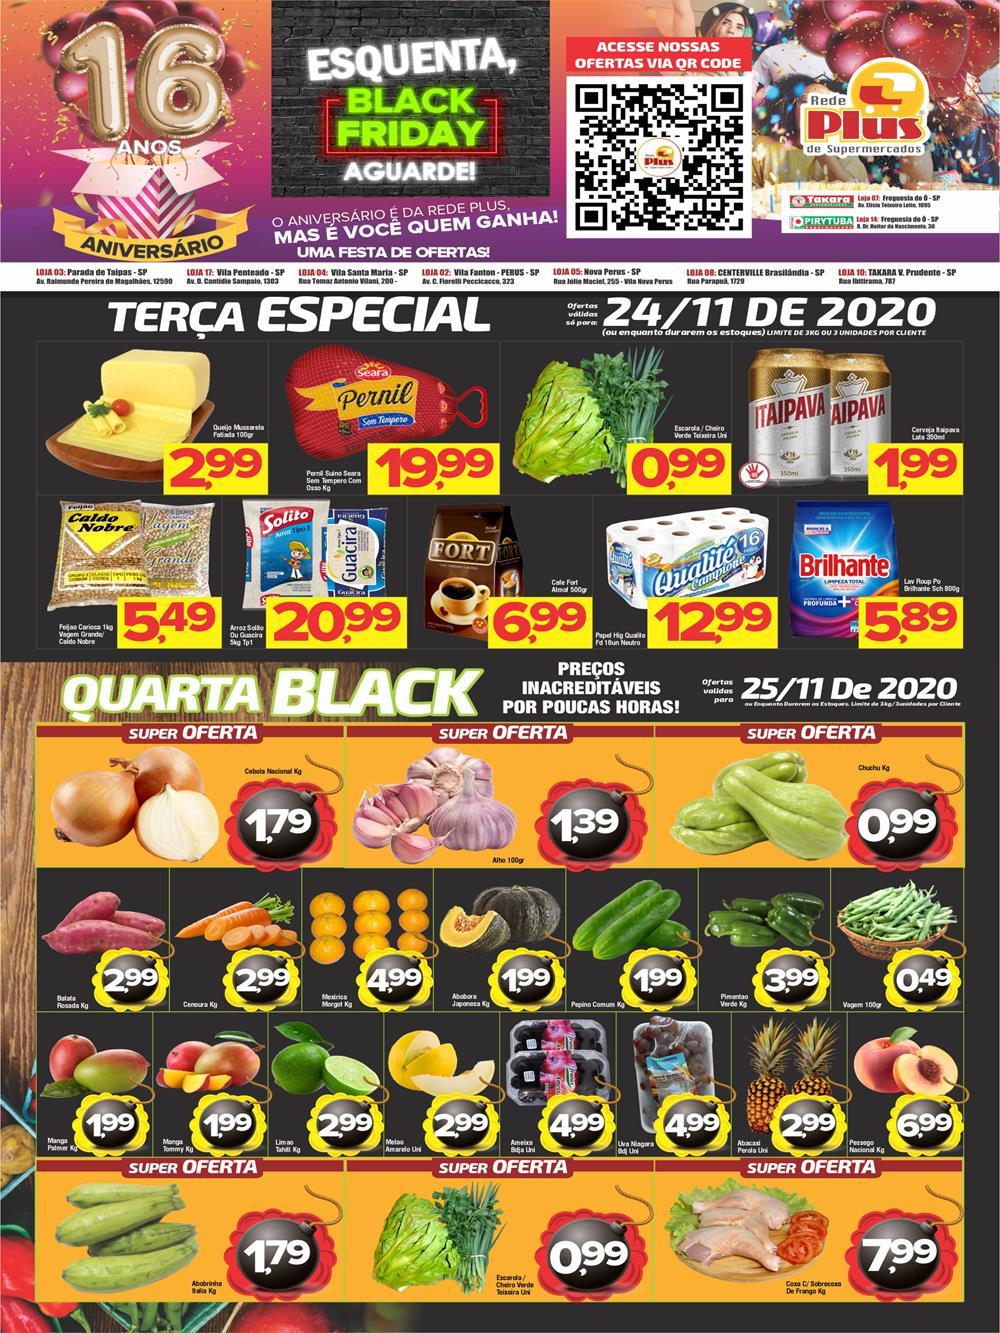 redeplustakara-ofertas-descontos-hoje1-24 Black Friday Supermercados